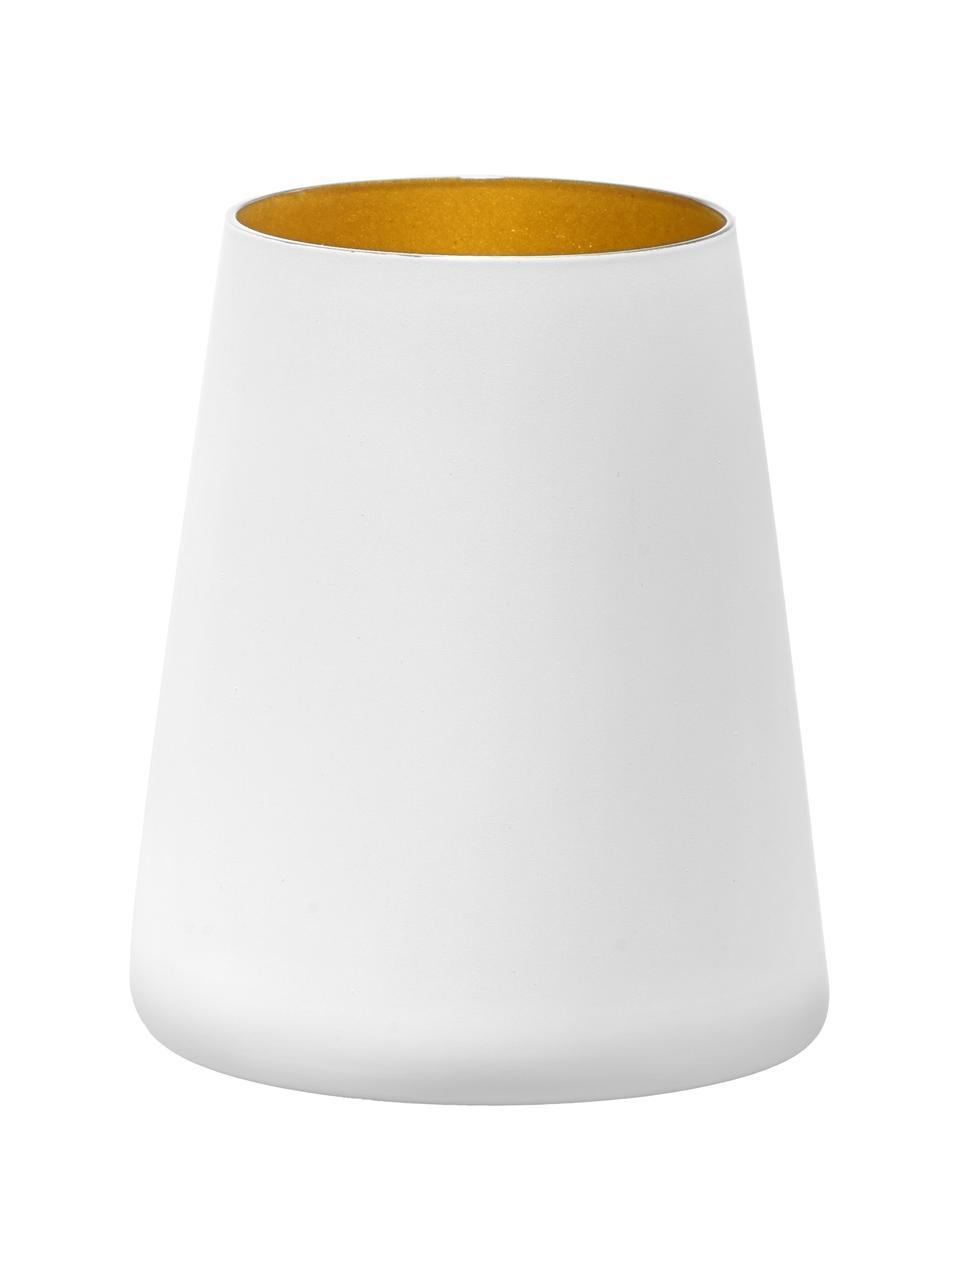 Kegelförmige Kristall-Cocktailgläser Power in Weiß/Gold, 6 Stück, Kristallglas, beschichtet, Weiß, Goldfarben, Ø 9 x H 10 cm